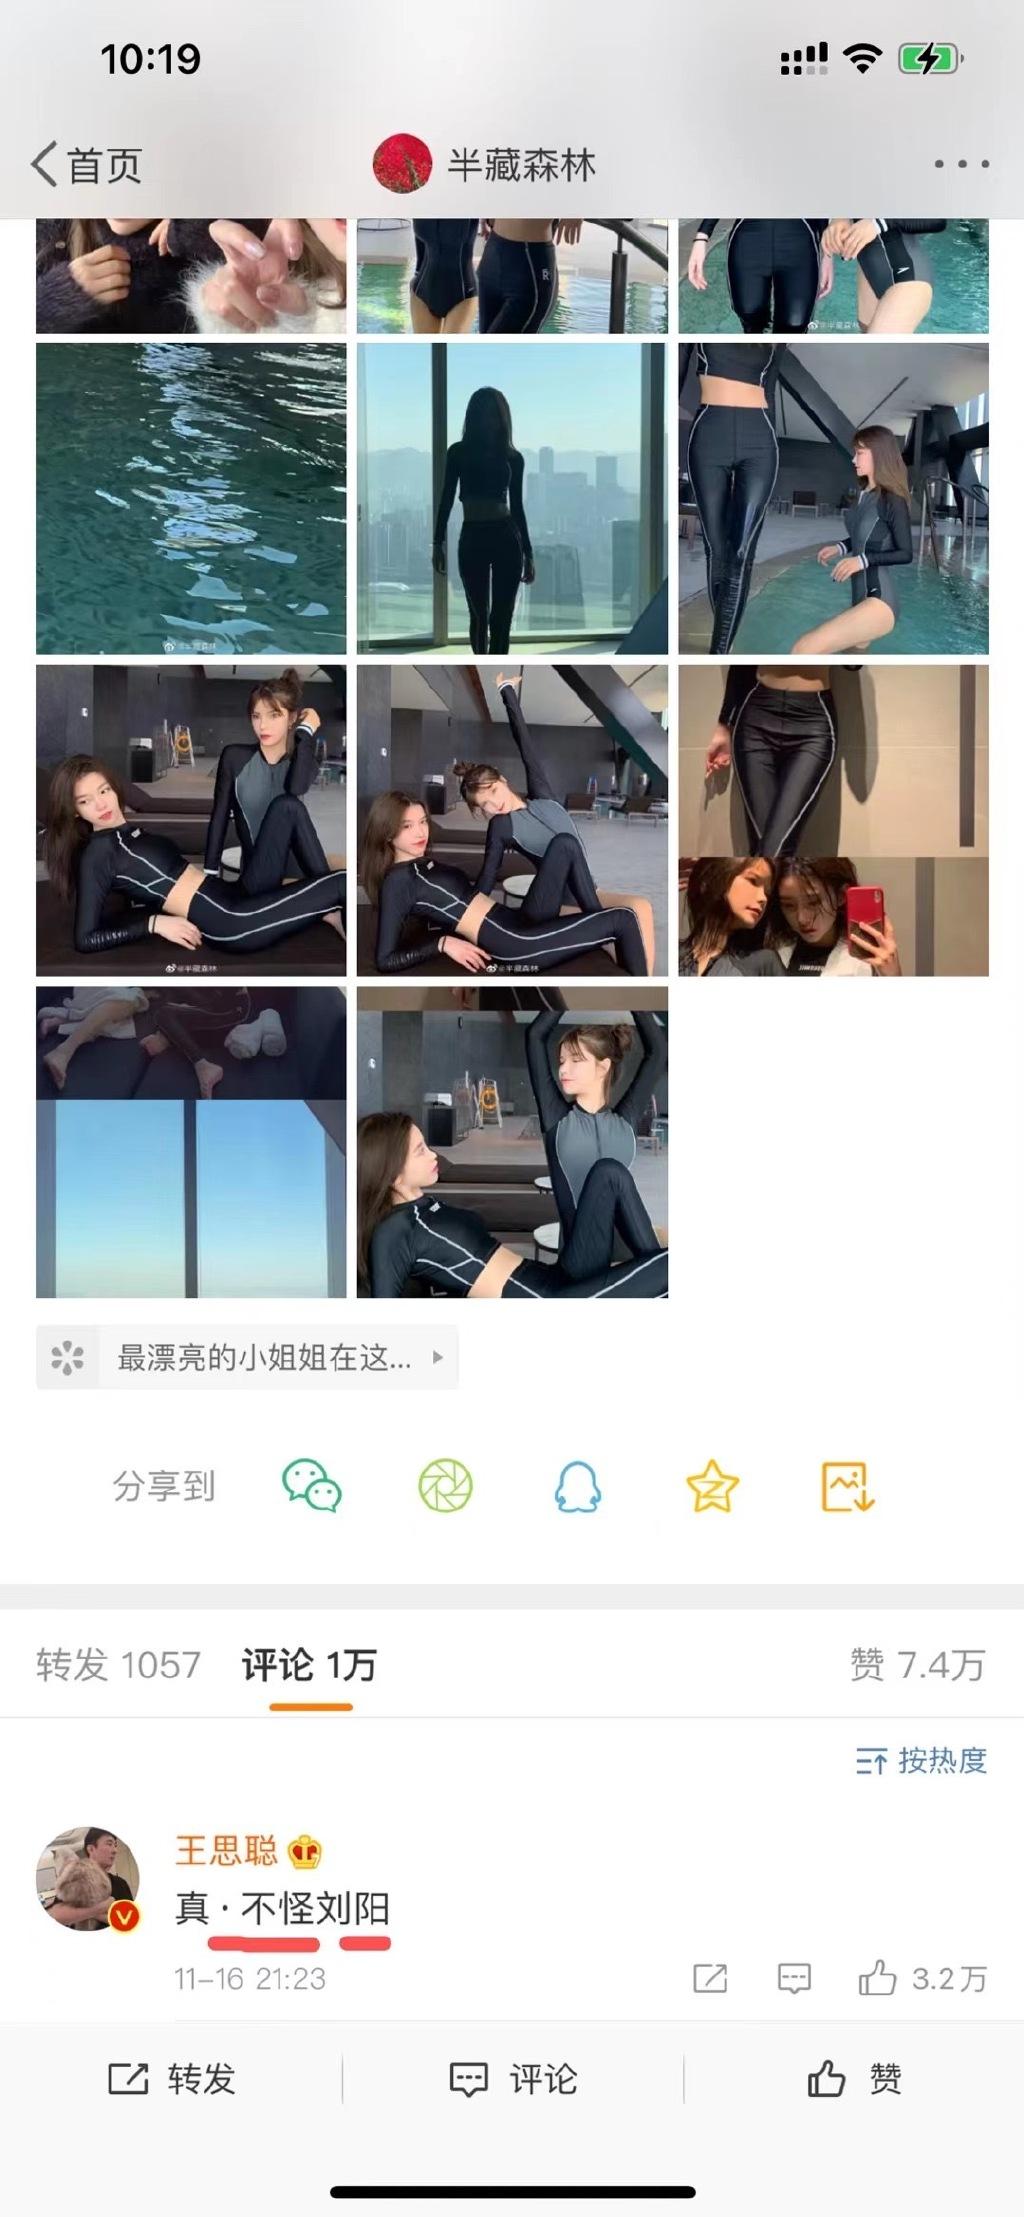 """半藏森林因王思聪评论""""真不怪刘阳""""又火了  吃瓜基地 第1张"""